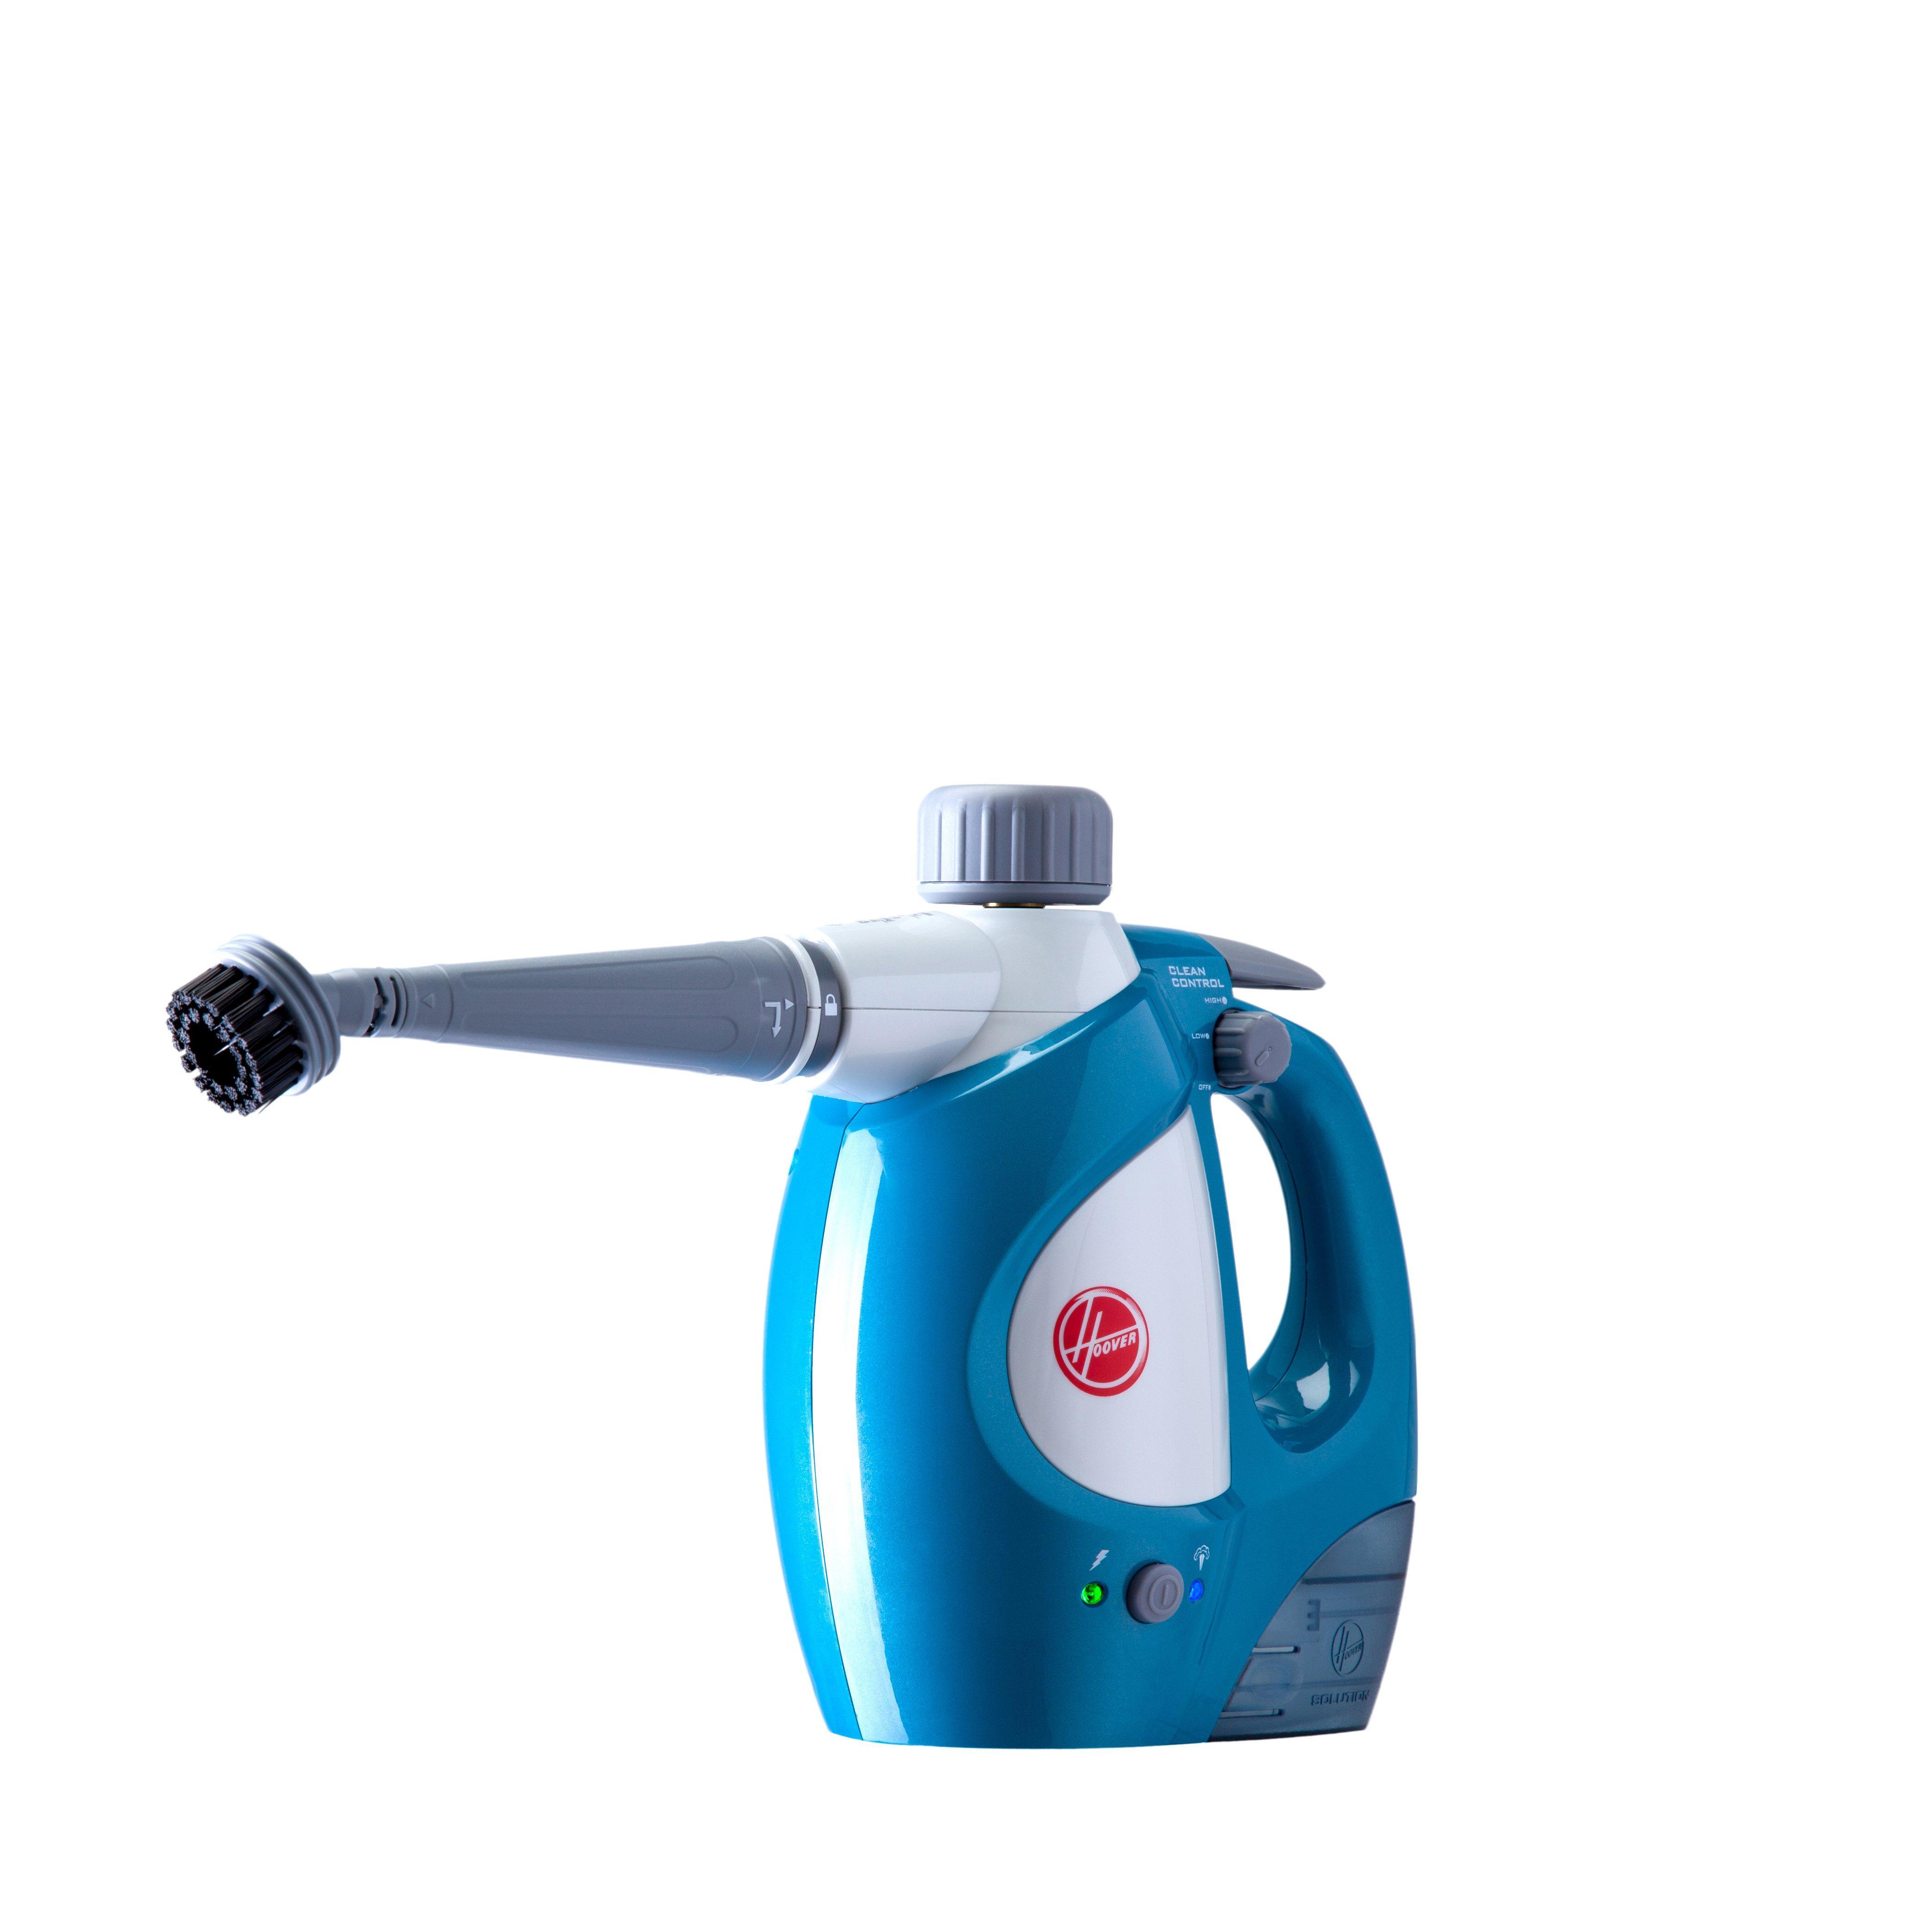 Hoover TwinTank Handheld Steam Cleaner